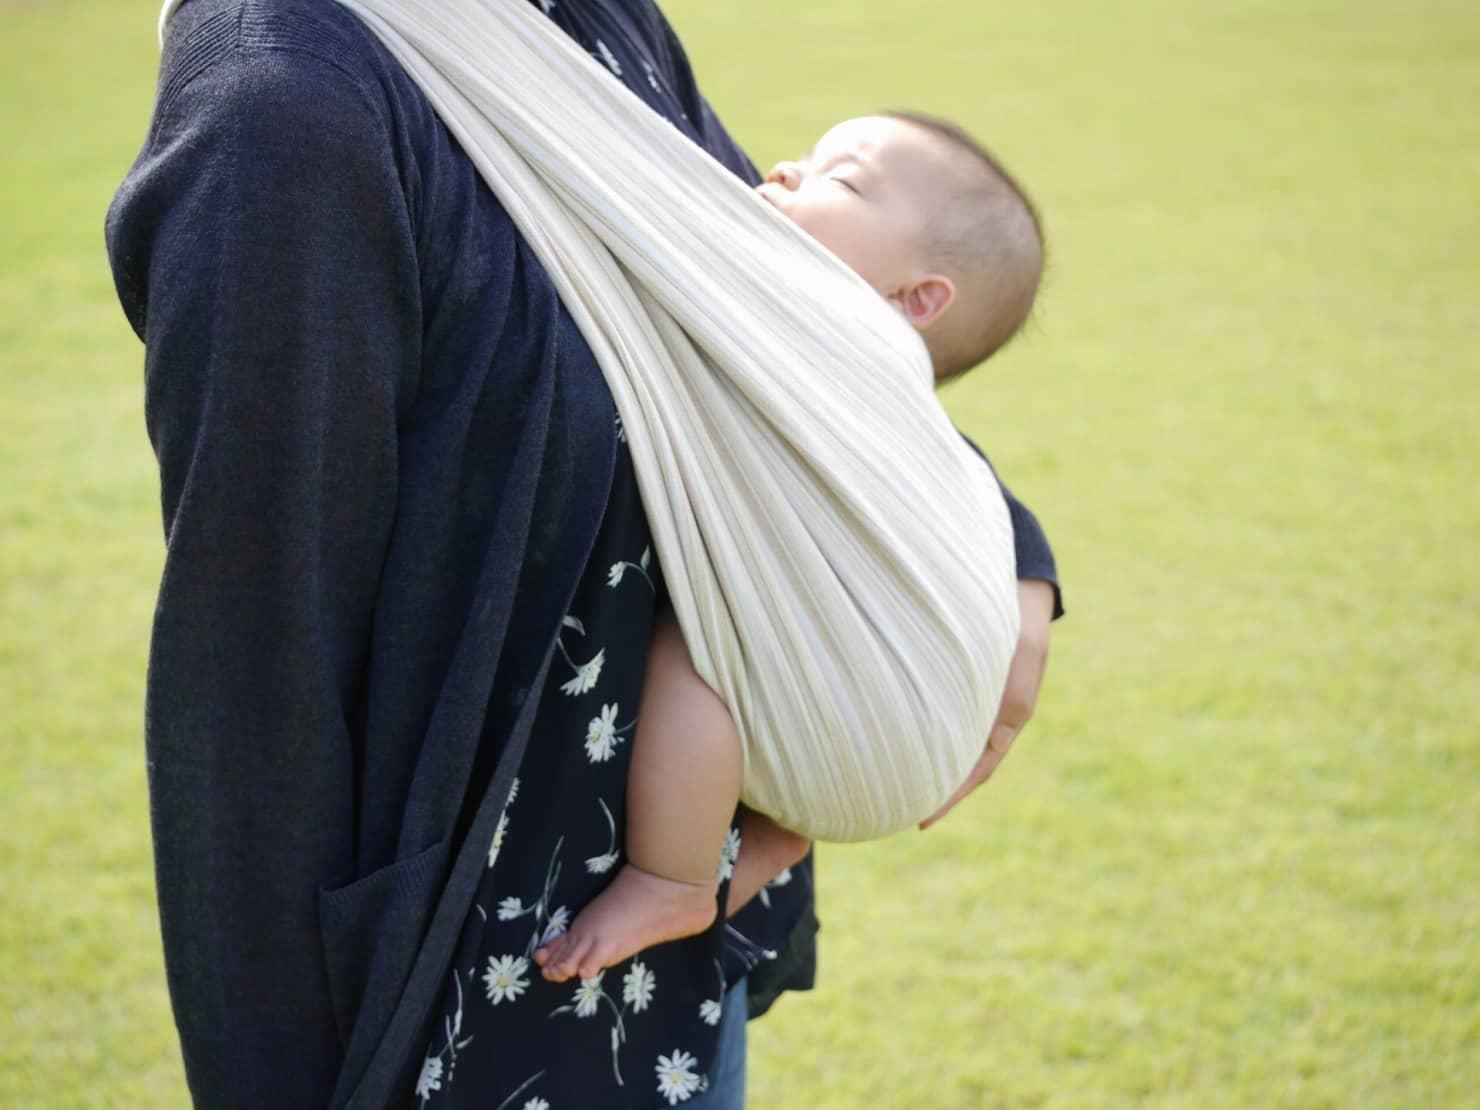 コニー抱っこ紐のおすすめポイントは? 新生児から使えるの? サイズの選び方は?